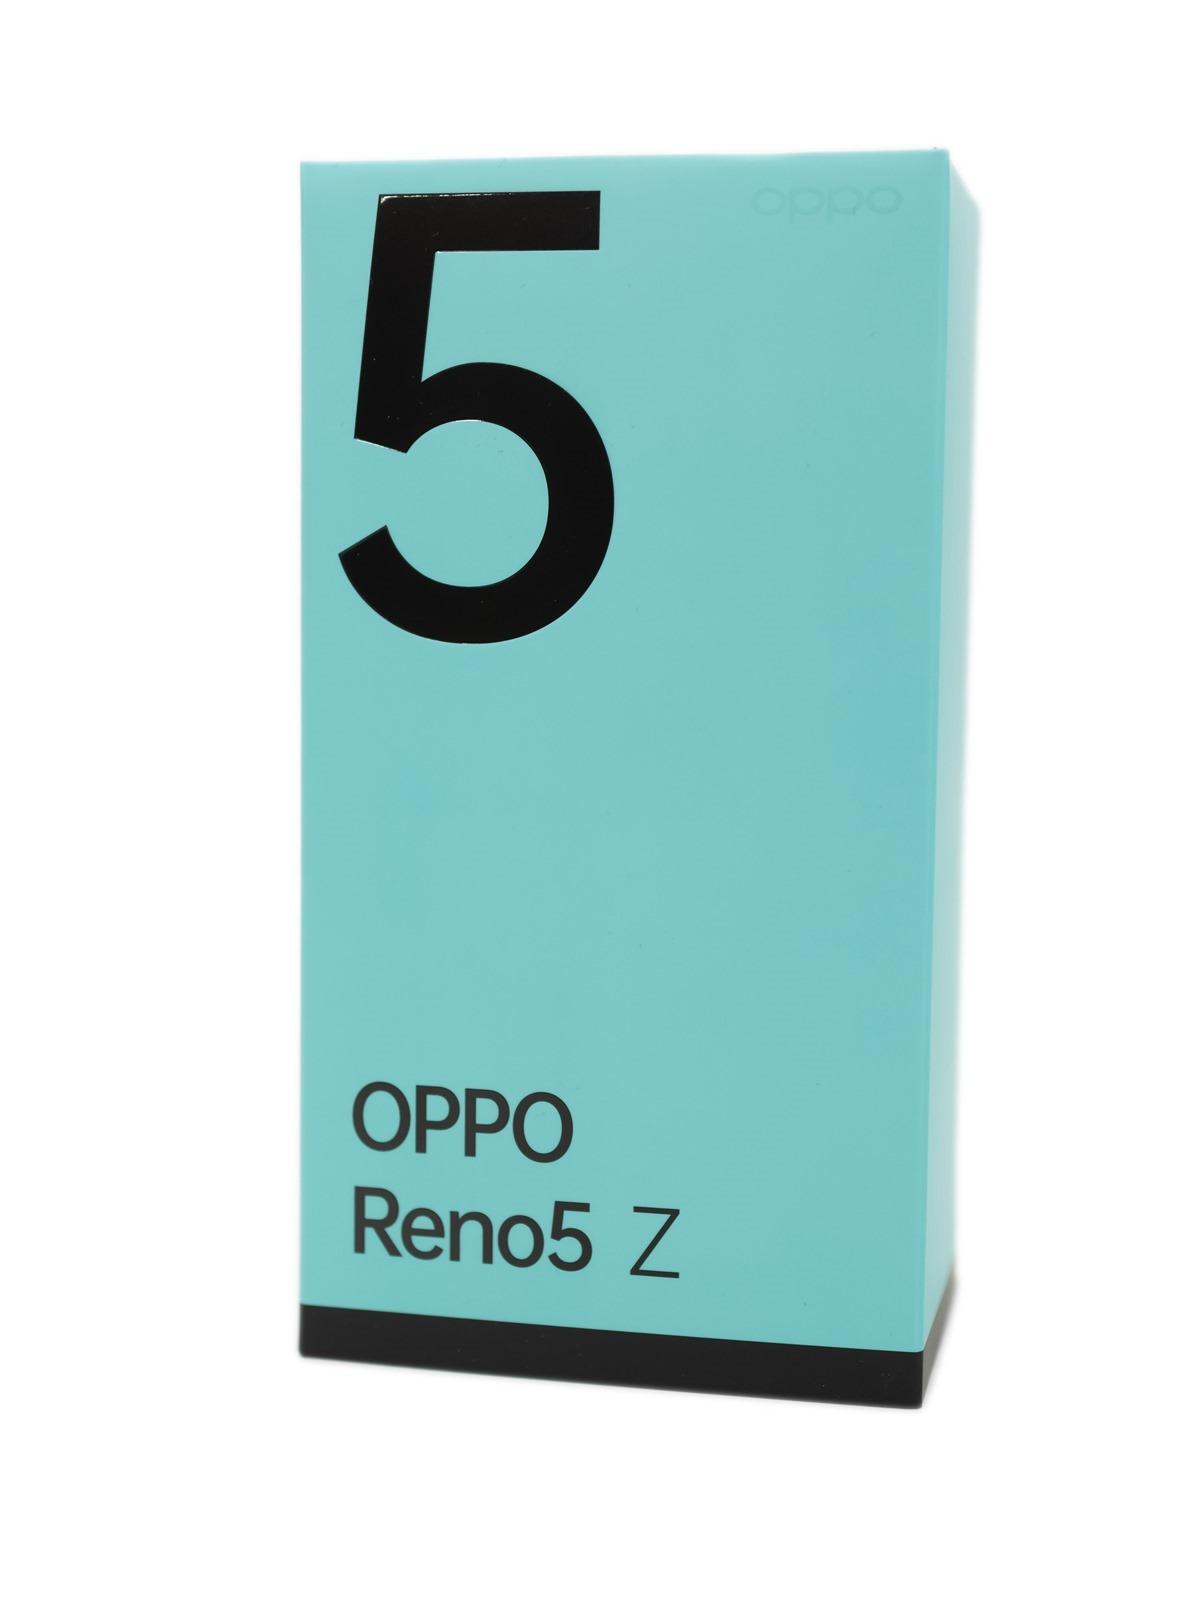 輕薄美型也能輕鬆入手! OPPO Reno 5 Z 完整評測 @3C 達人廖阿輝